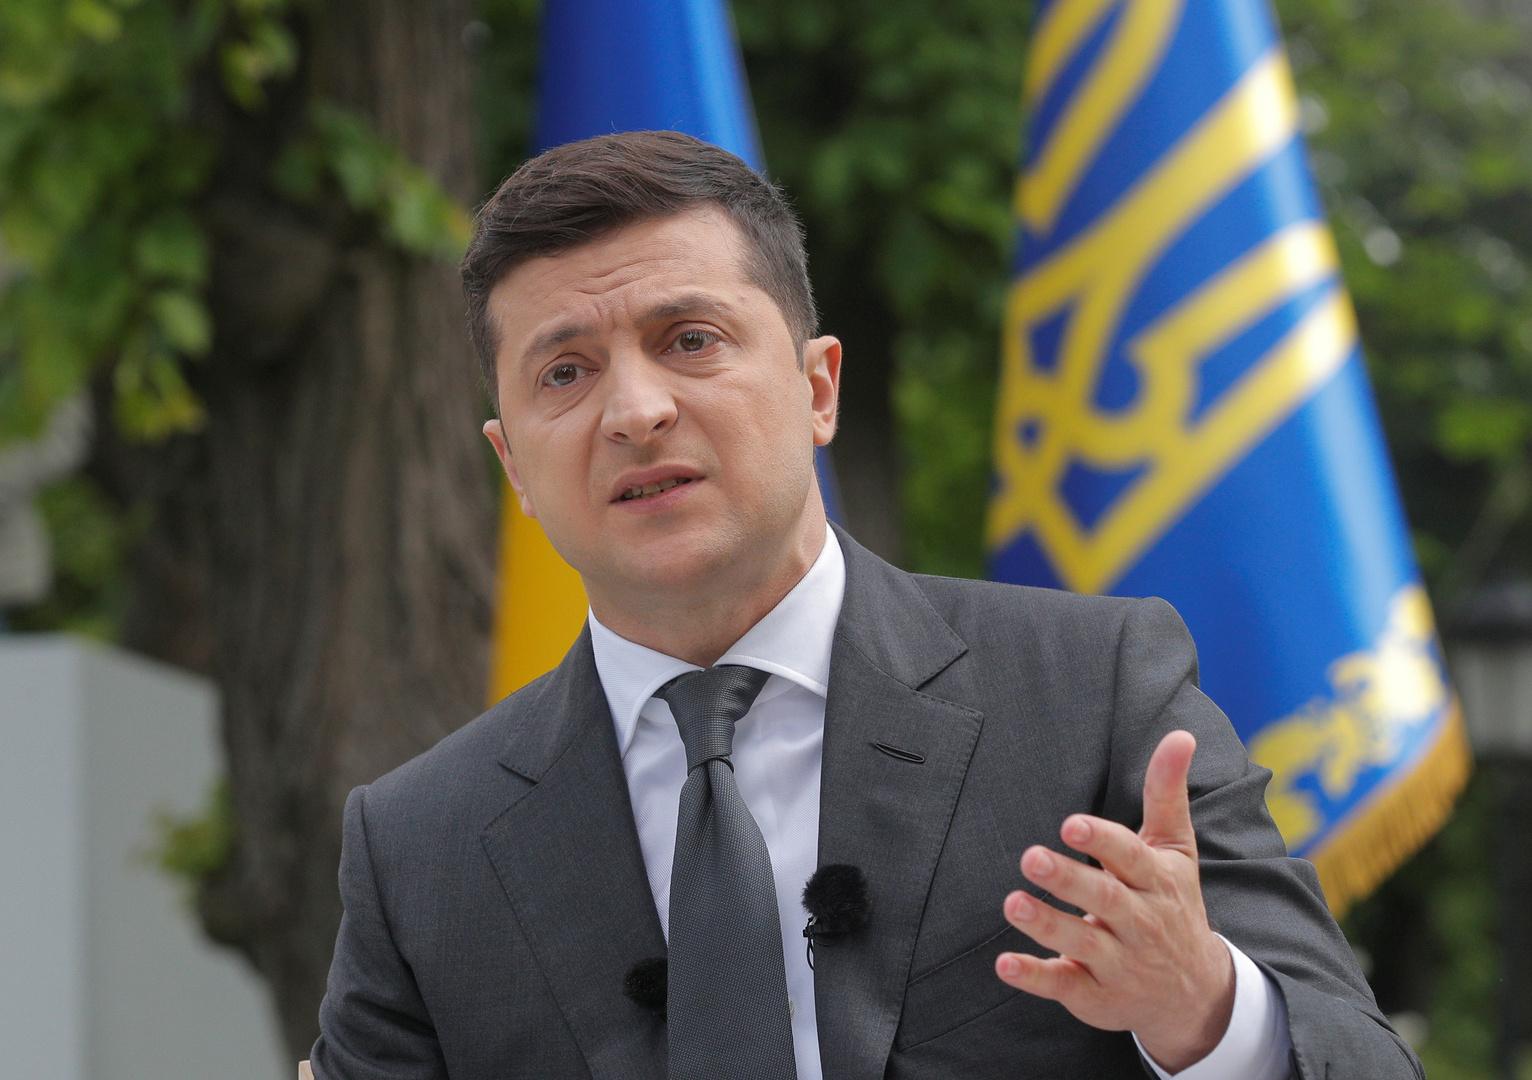 زيلينسكي يرحب بتسليم إيران الصندوقين الأسودين للطائرة الأوكرانية المنكوبة إلى فرنسا